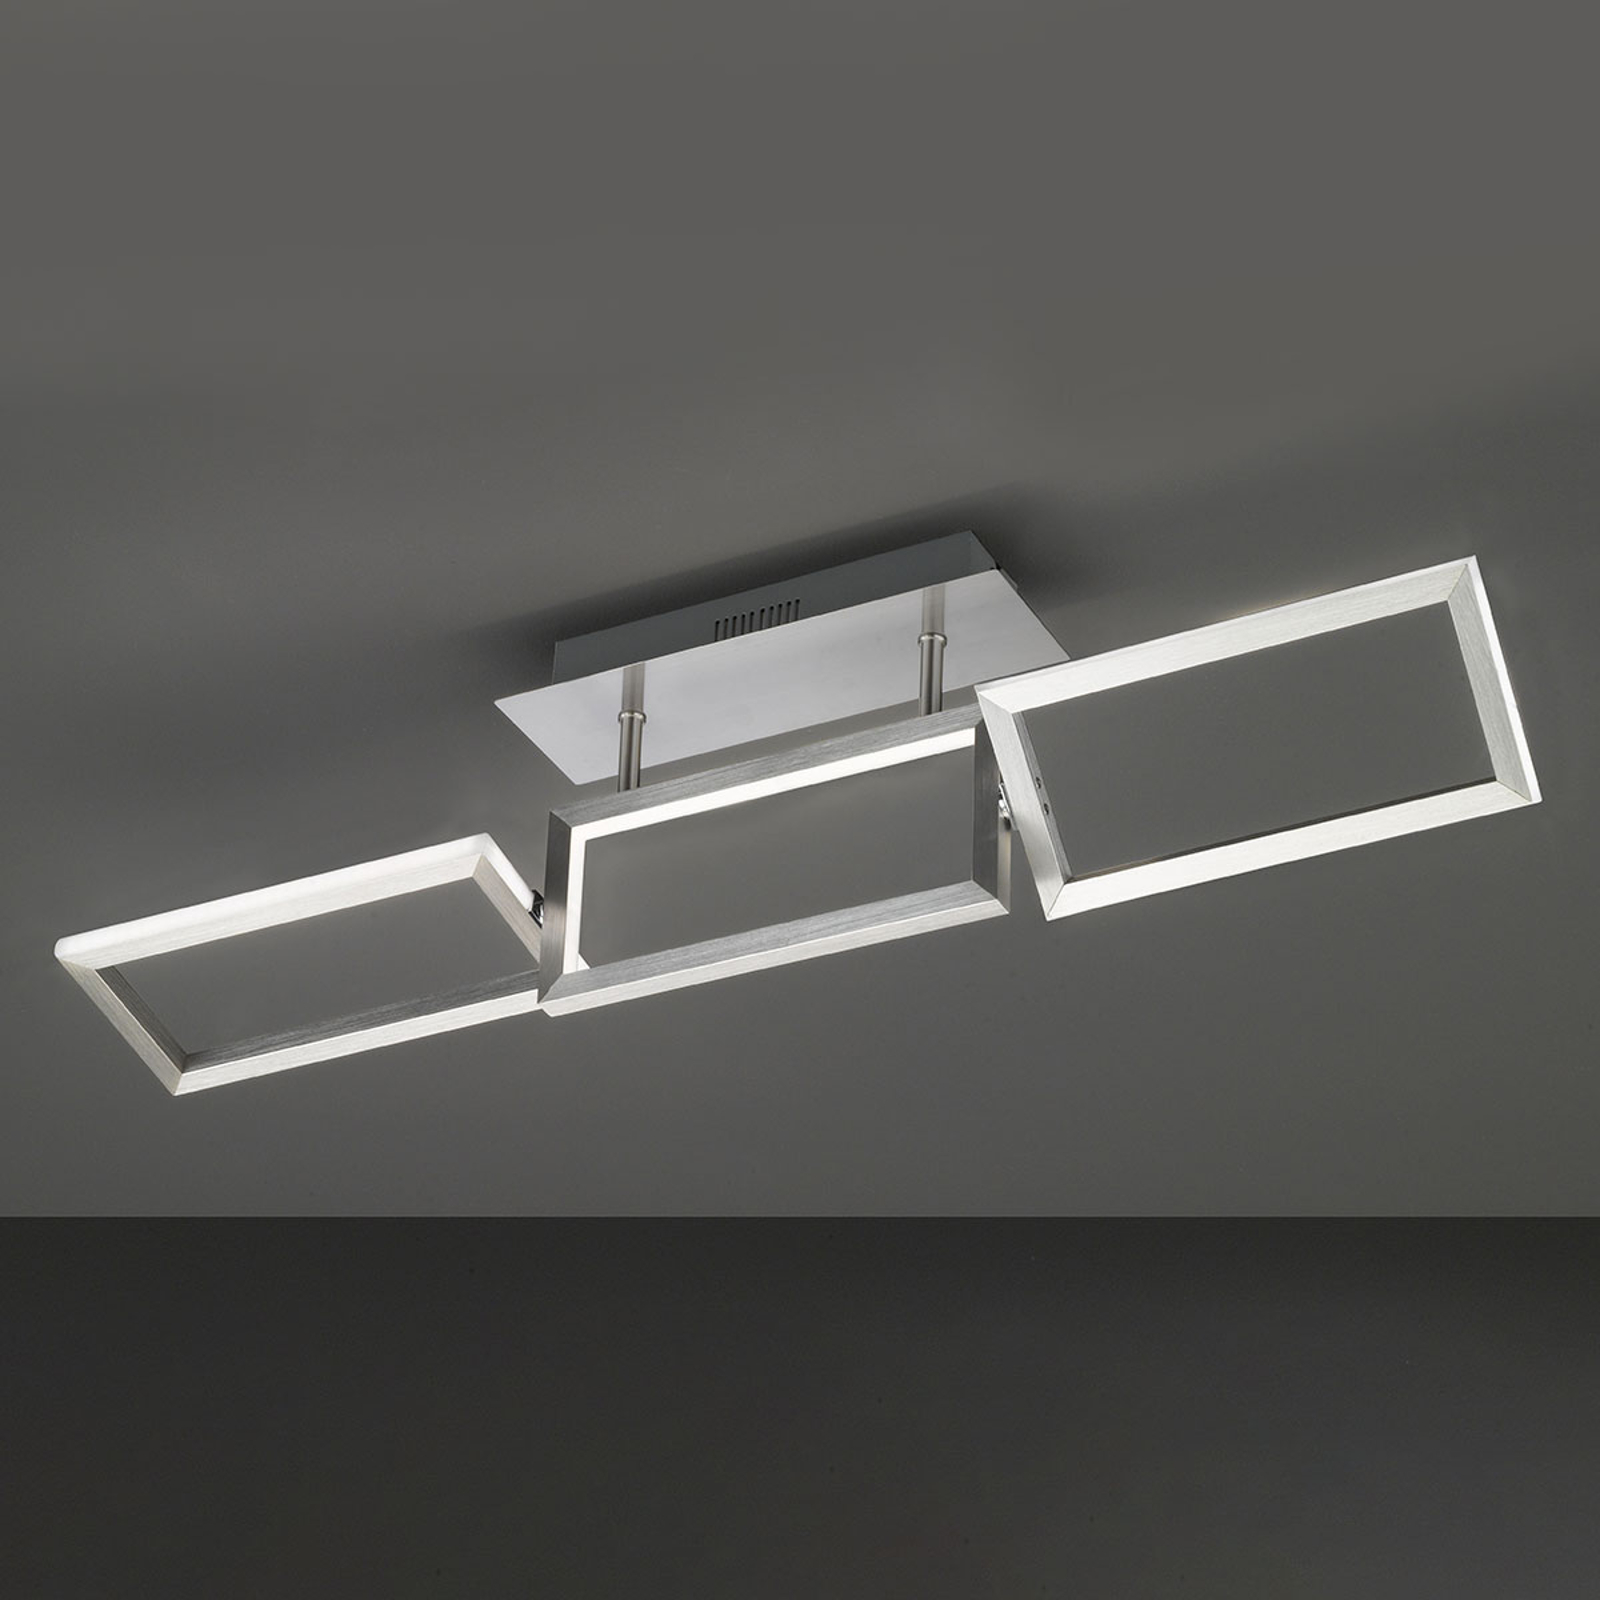 LED-Deckenleuchte Skip, ausrichtbar, Länge 81,5 cm